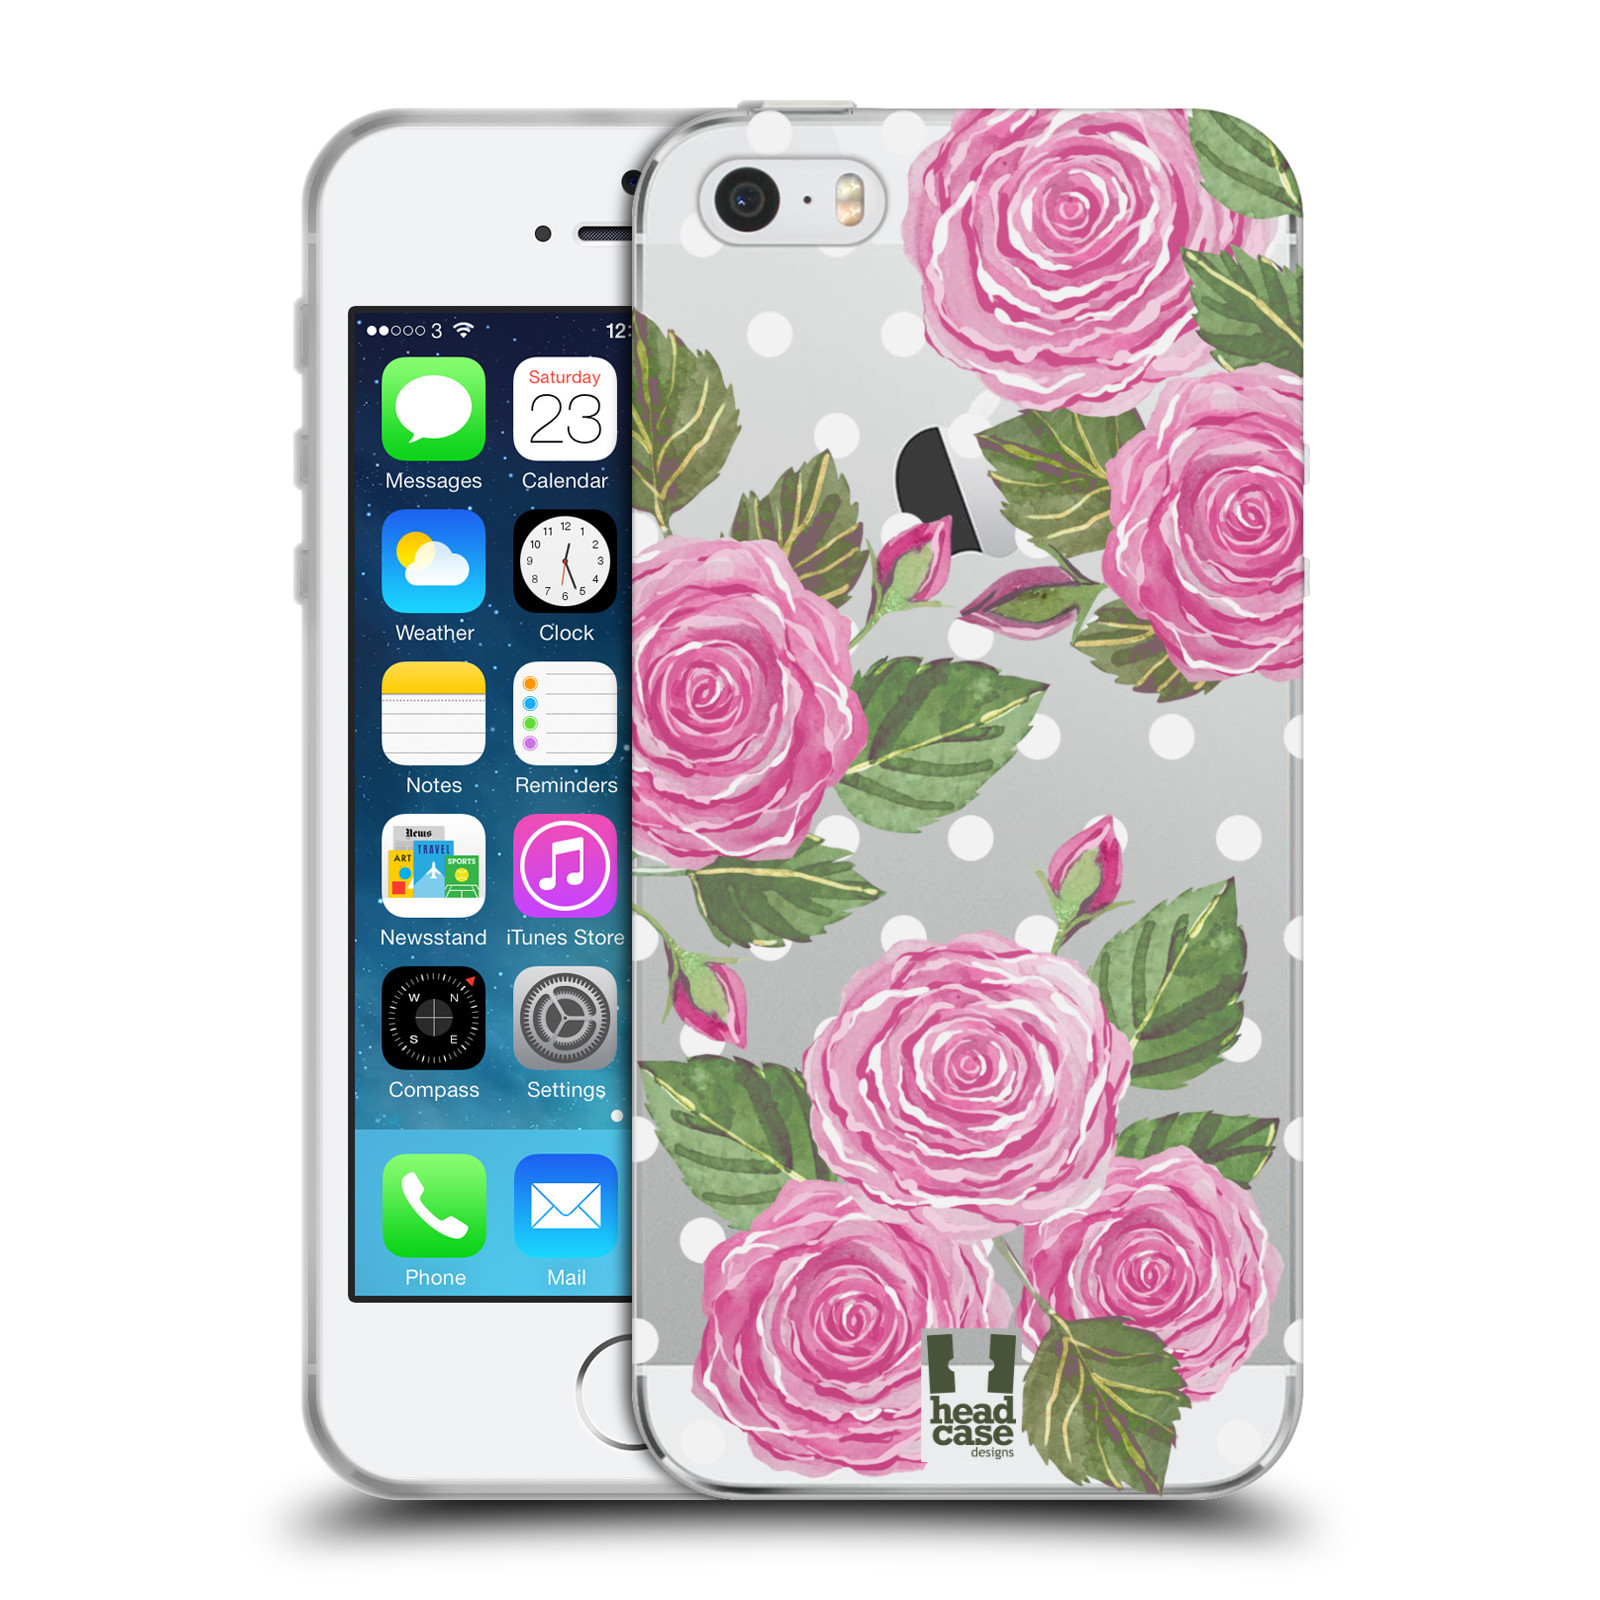 Silikonové pouzdro na mobil Apple iPhone 5, 5S, SE - Head Case - Hezoučké růžičky - průhledné